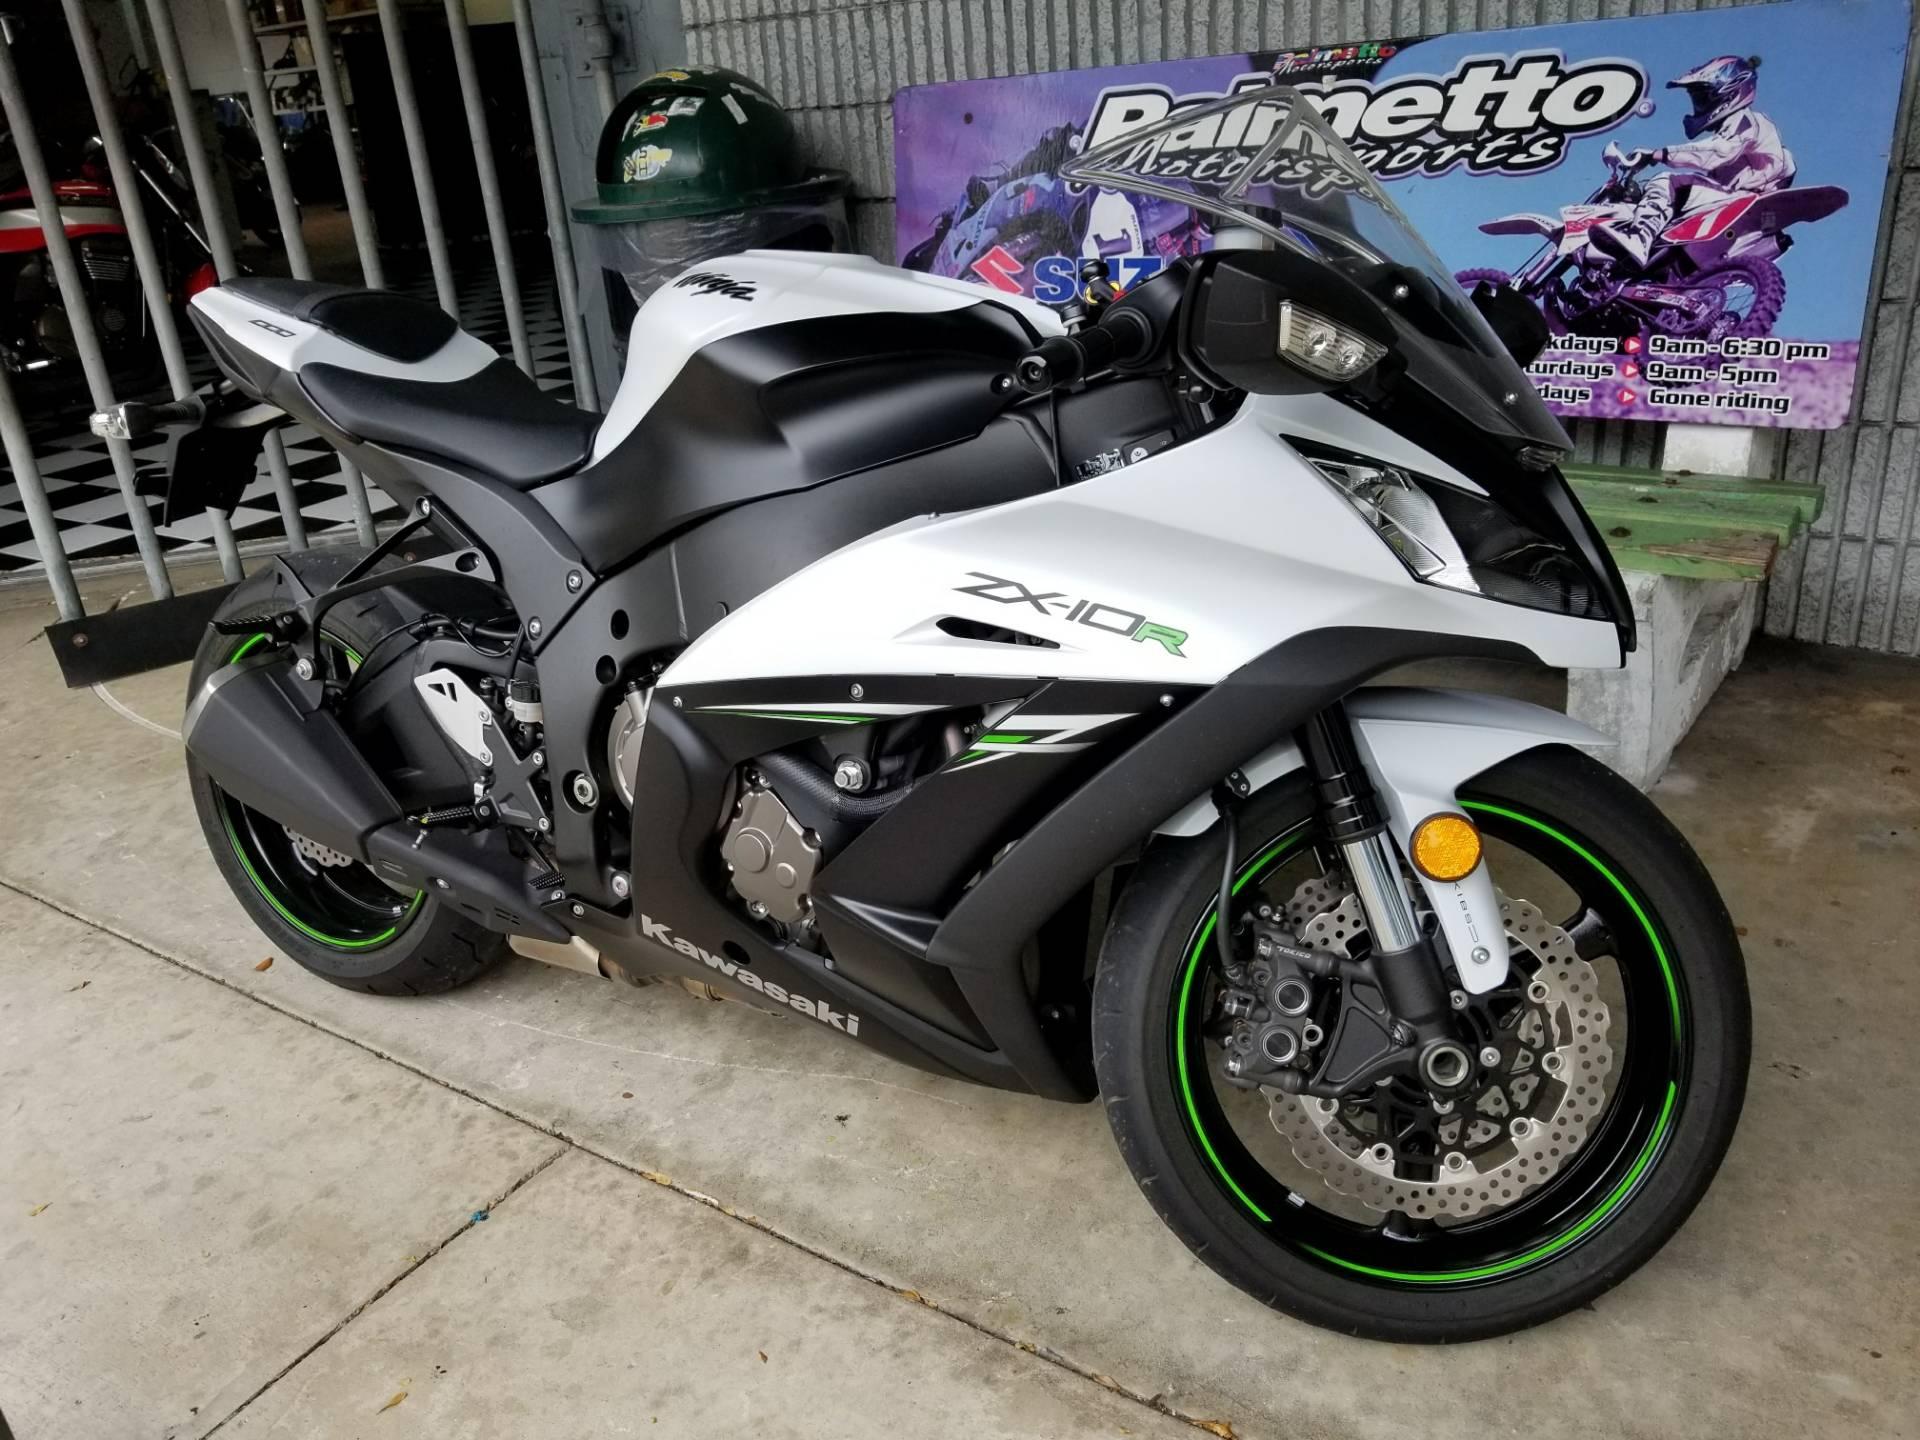 Used 2014 Kawasaki Ninja Zx 10r Abs Motorcycles In Hialeah Fl